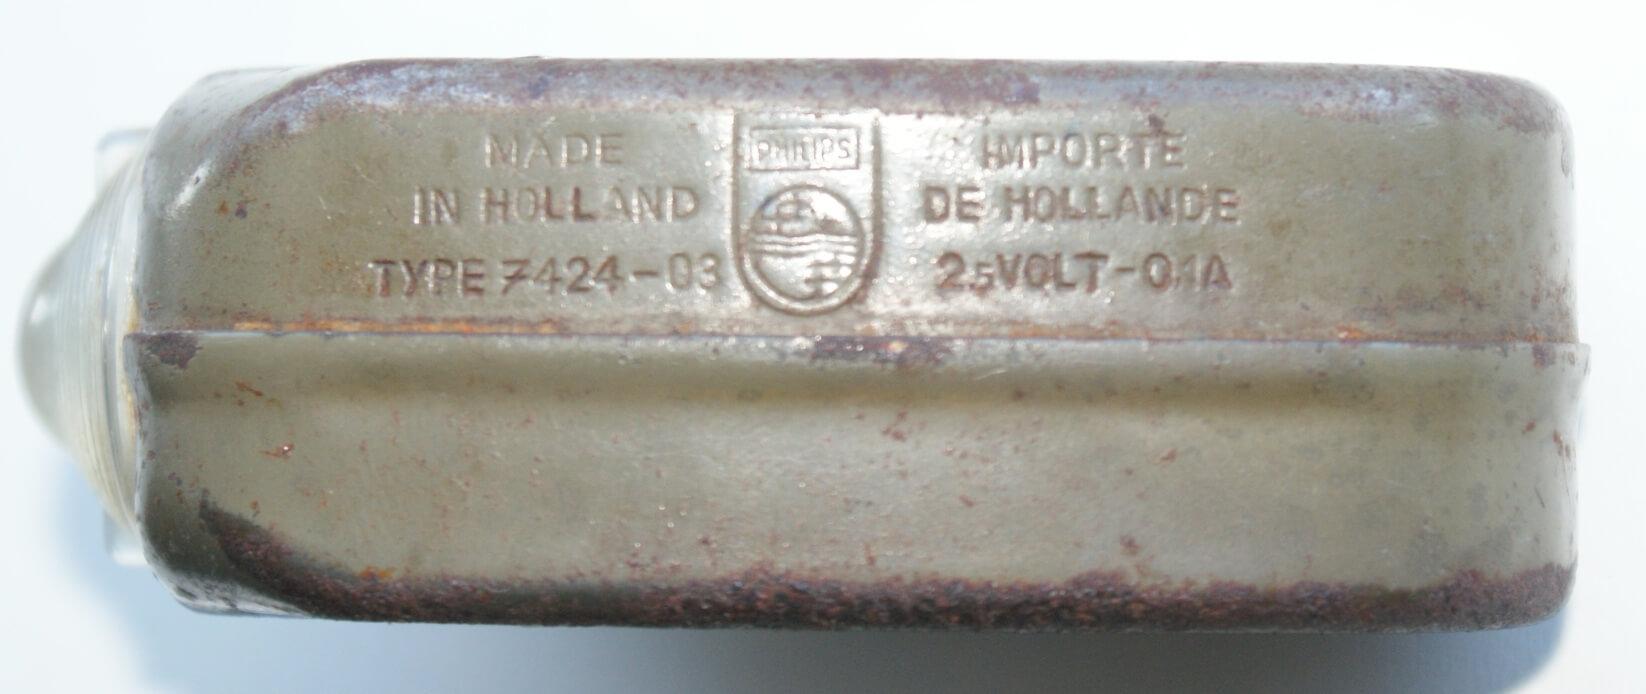 Knijpkat Philips 7424 - 03